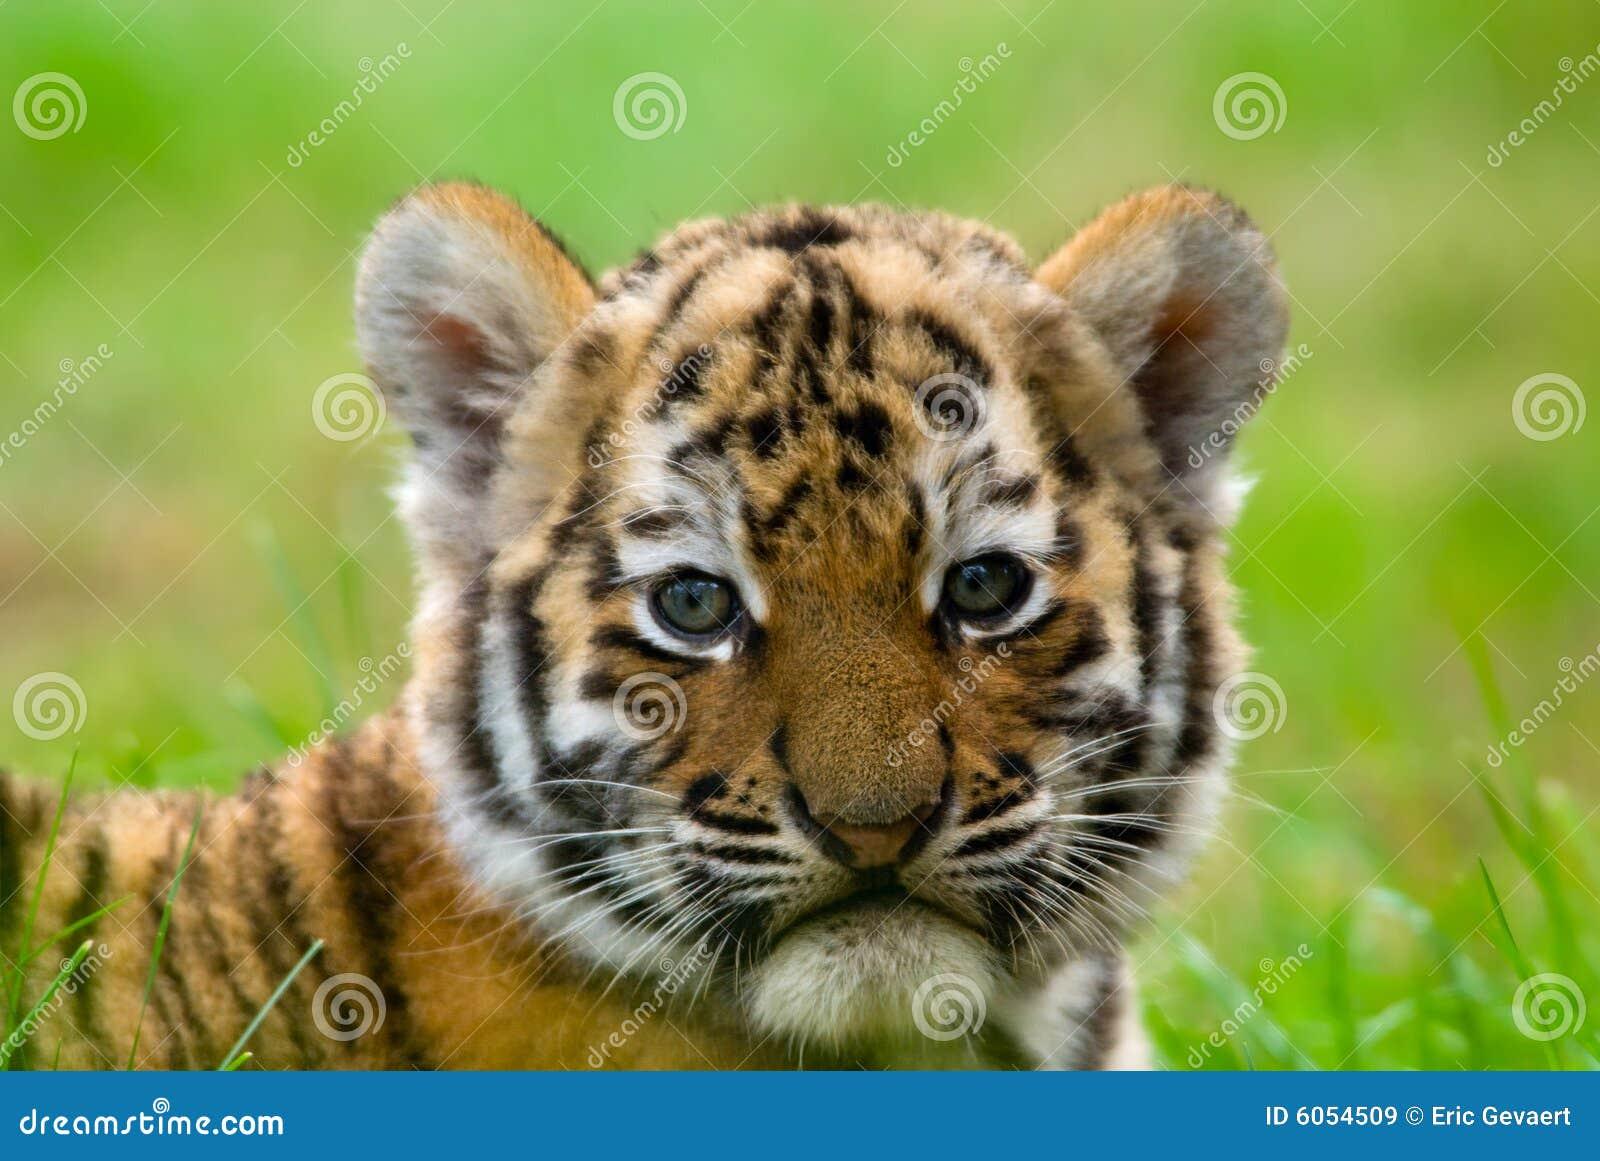 Animal de tigre sib rien mignon images libres de droits - Animal mignon ...